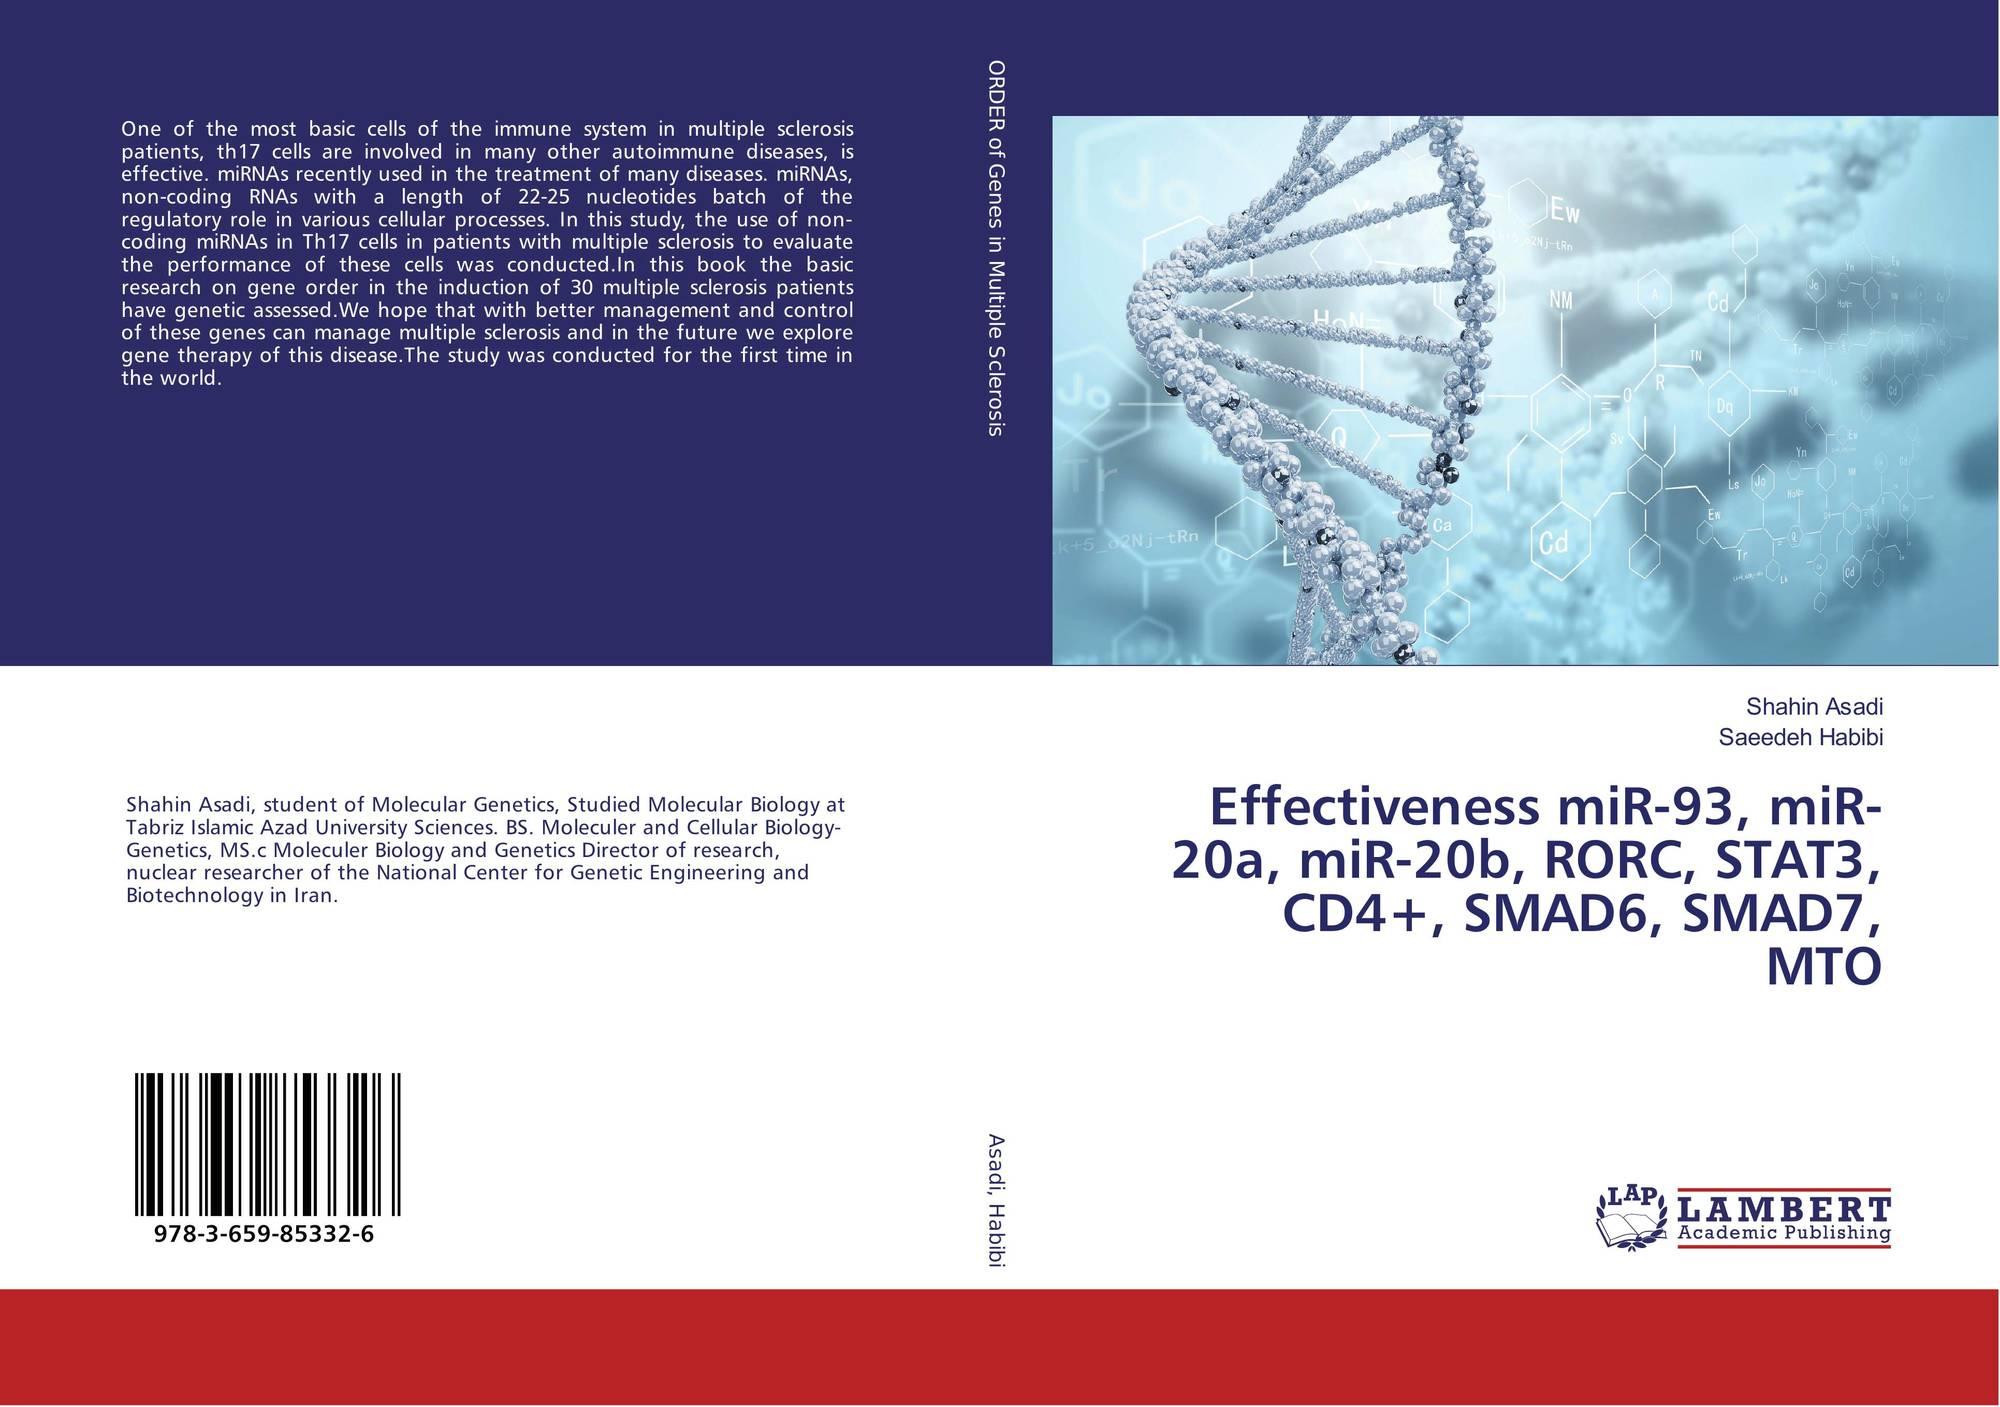 Bookcover of Effectiveness miR-93, miR-20a, miR-20b, RORC